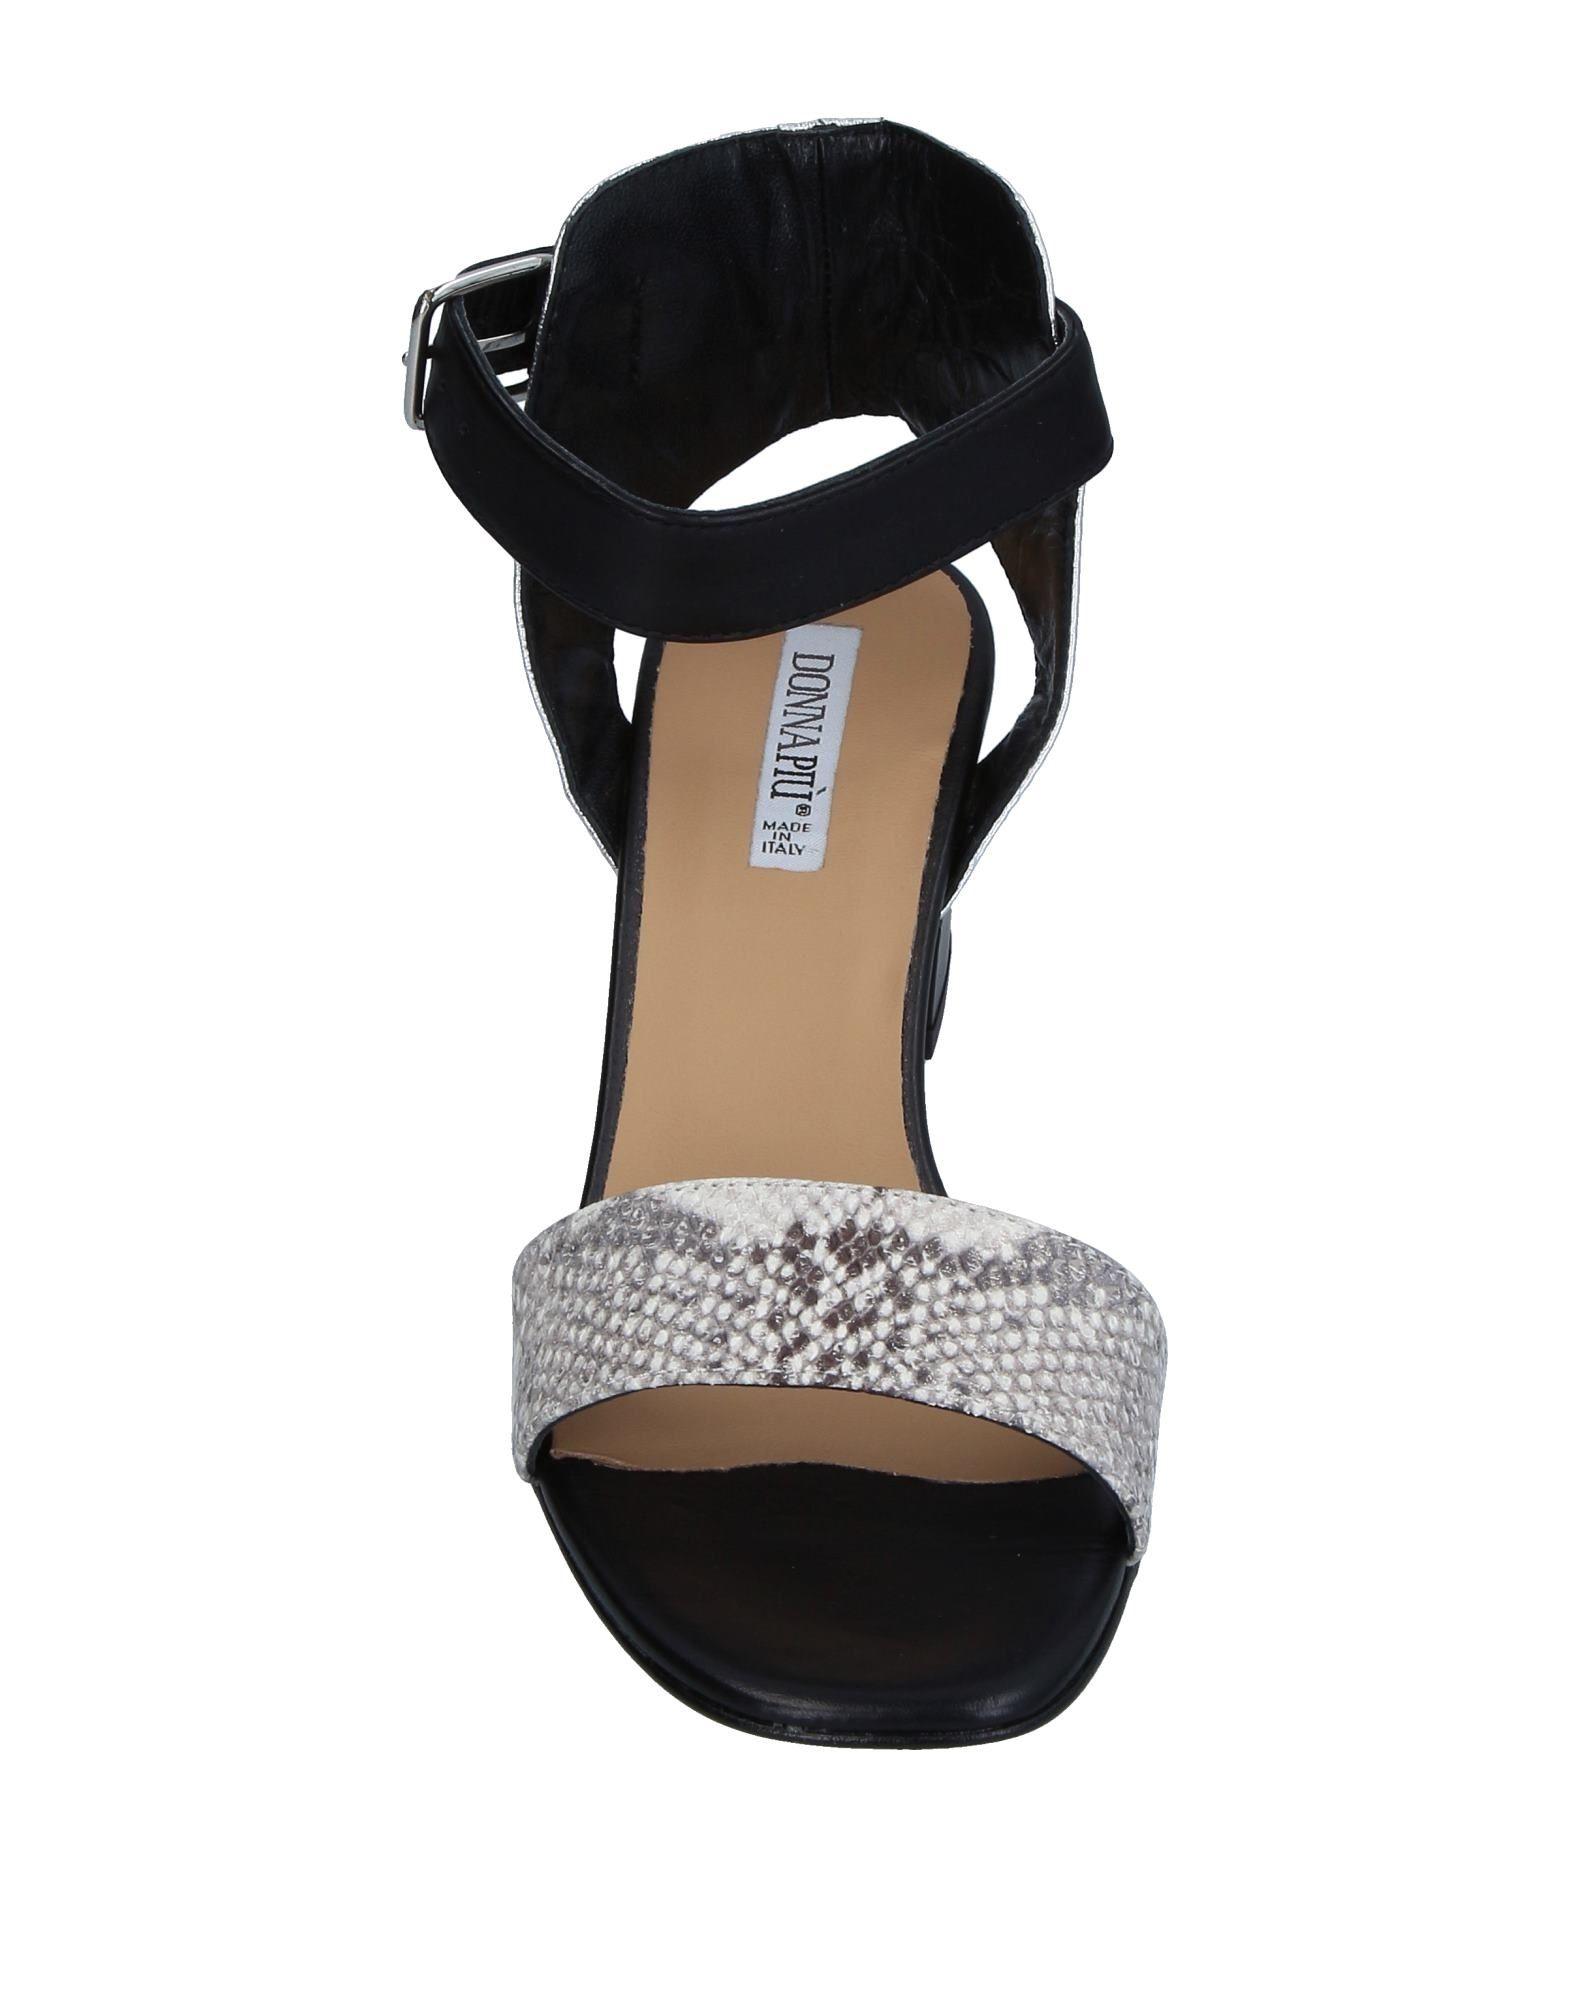 Donna Donna Donna Più Sandalen Damen  11331555KV Neue Schuhe b4c89c